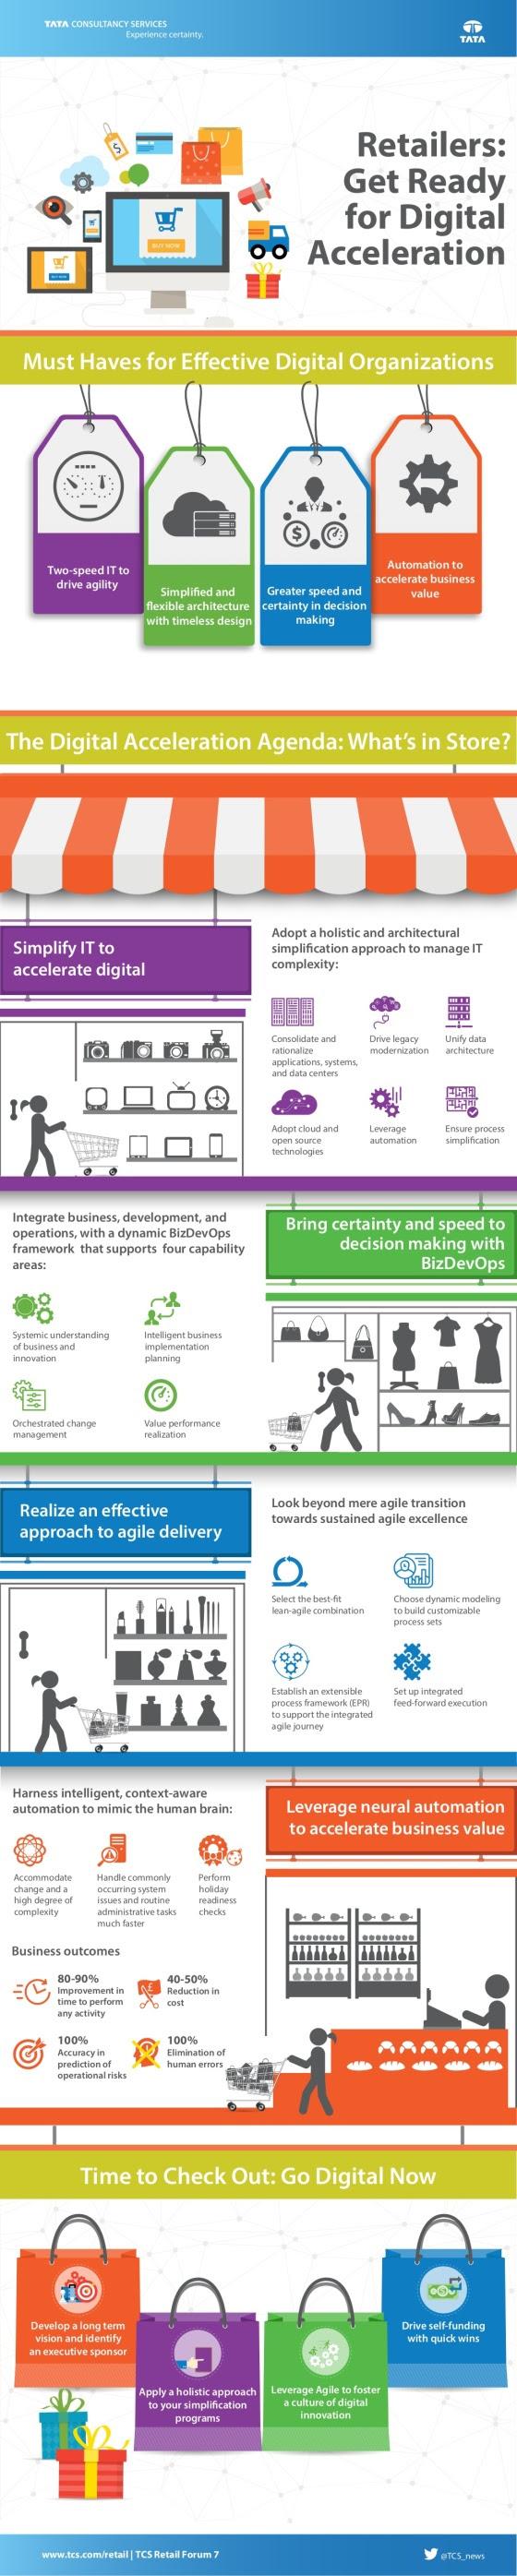 Retailers: preparado para la aceleración digital